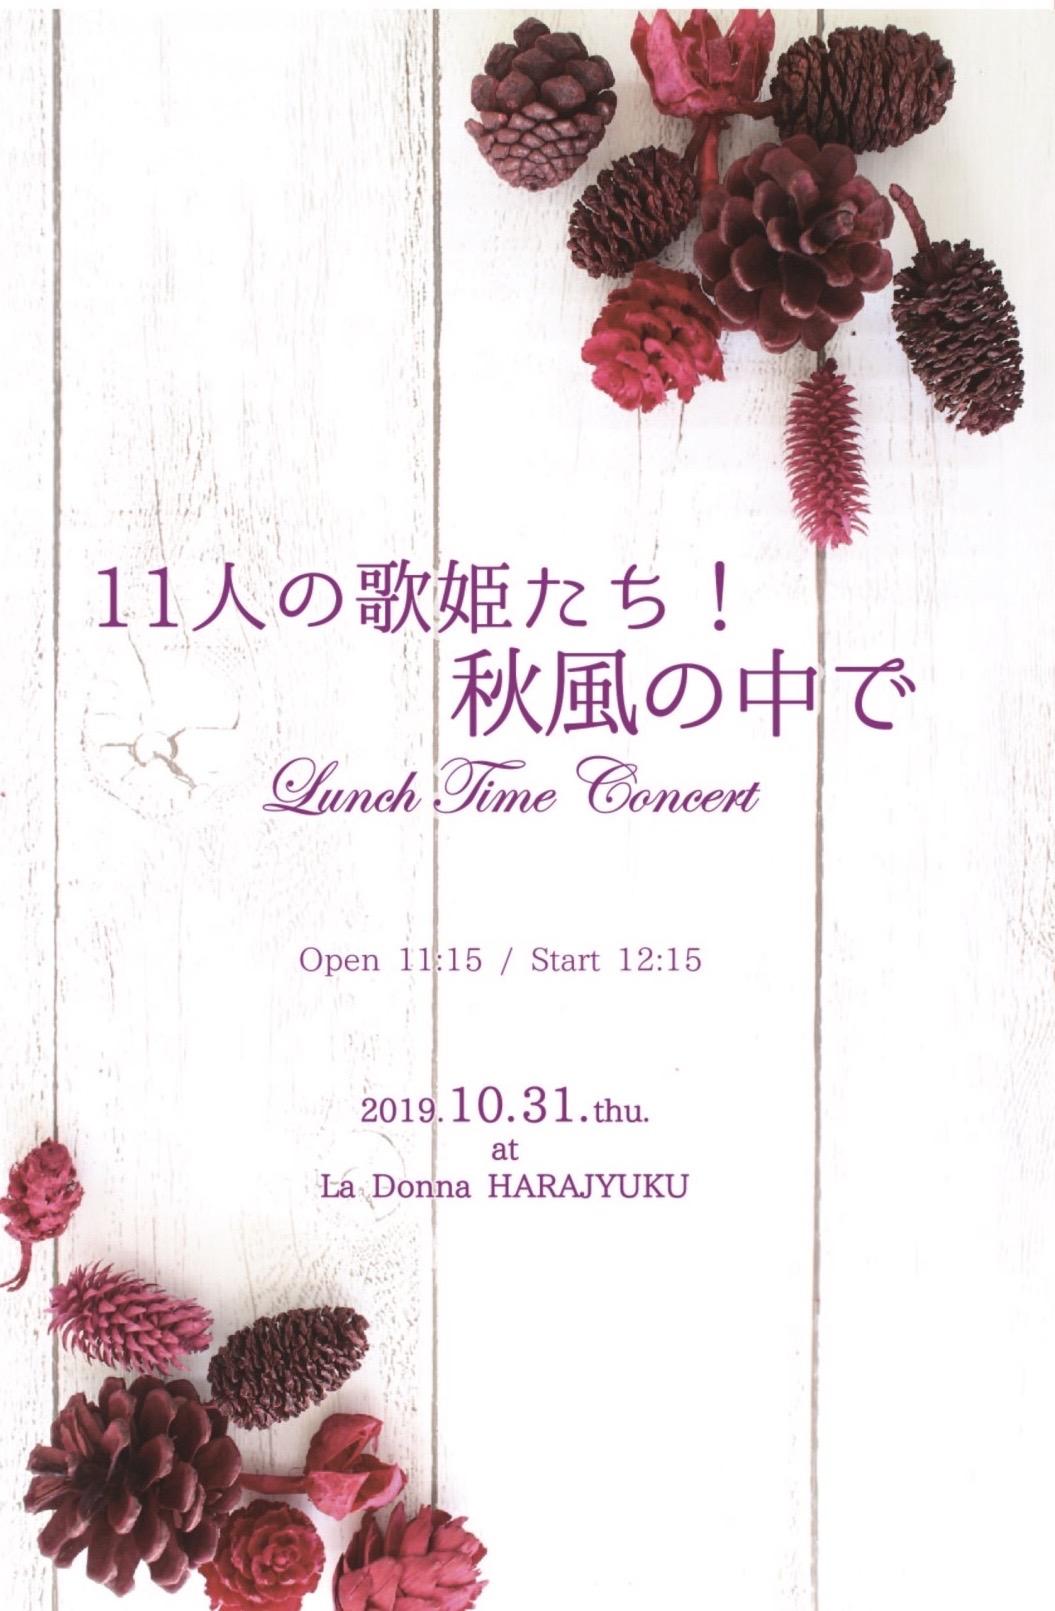 11人の歌姫たち! ~秋風の中で~ Lunch Time Concert